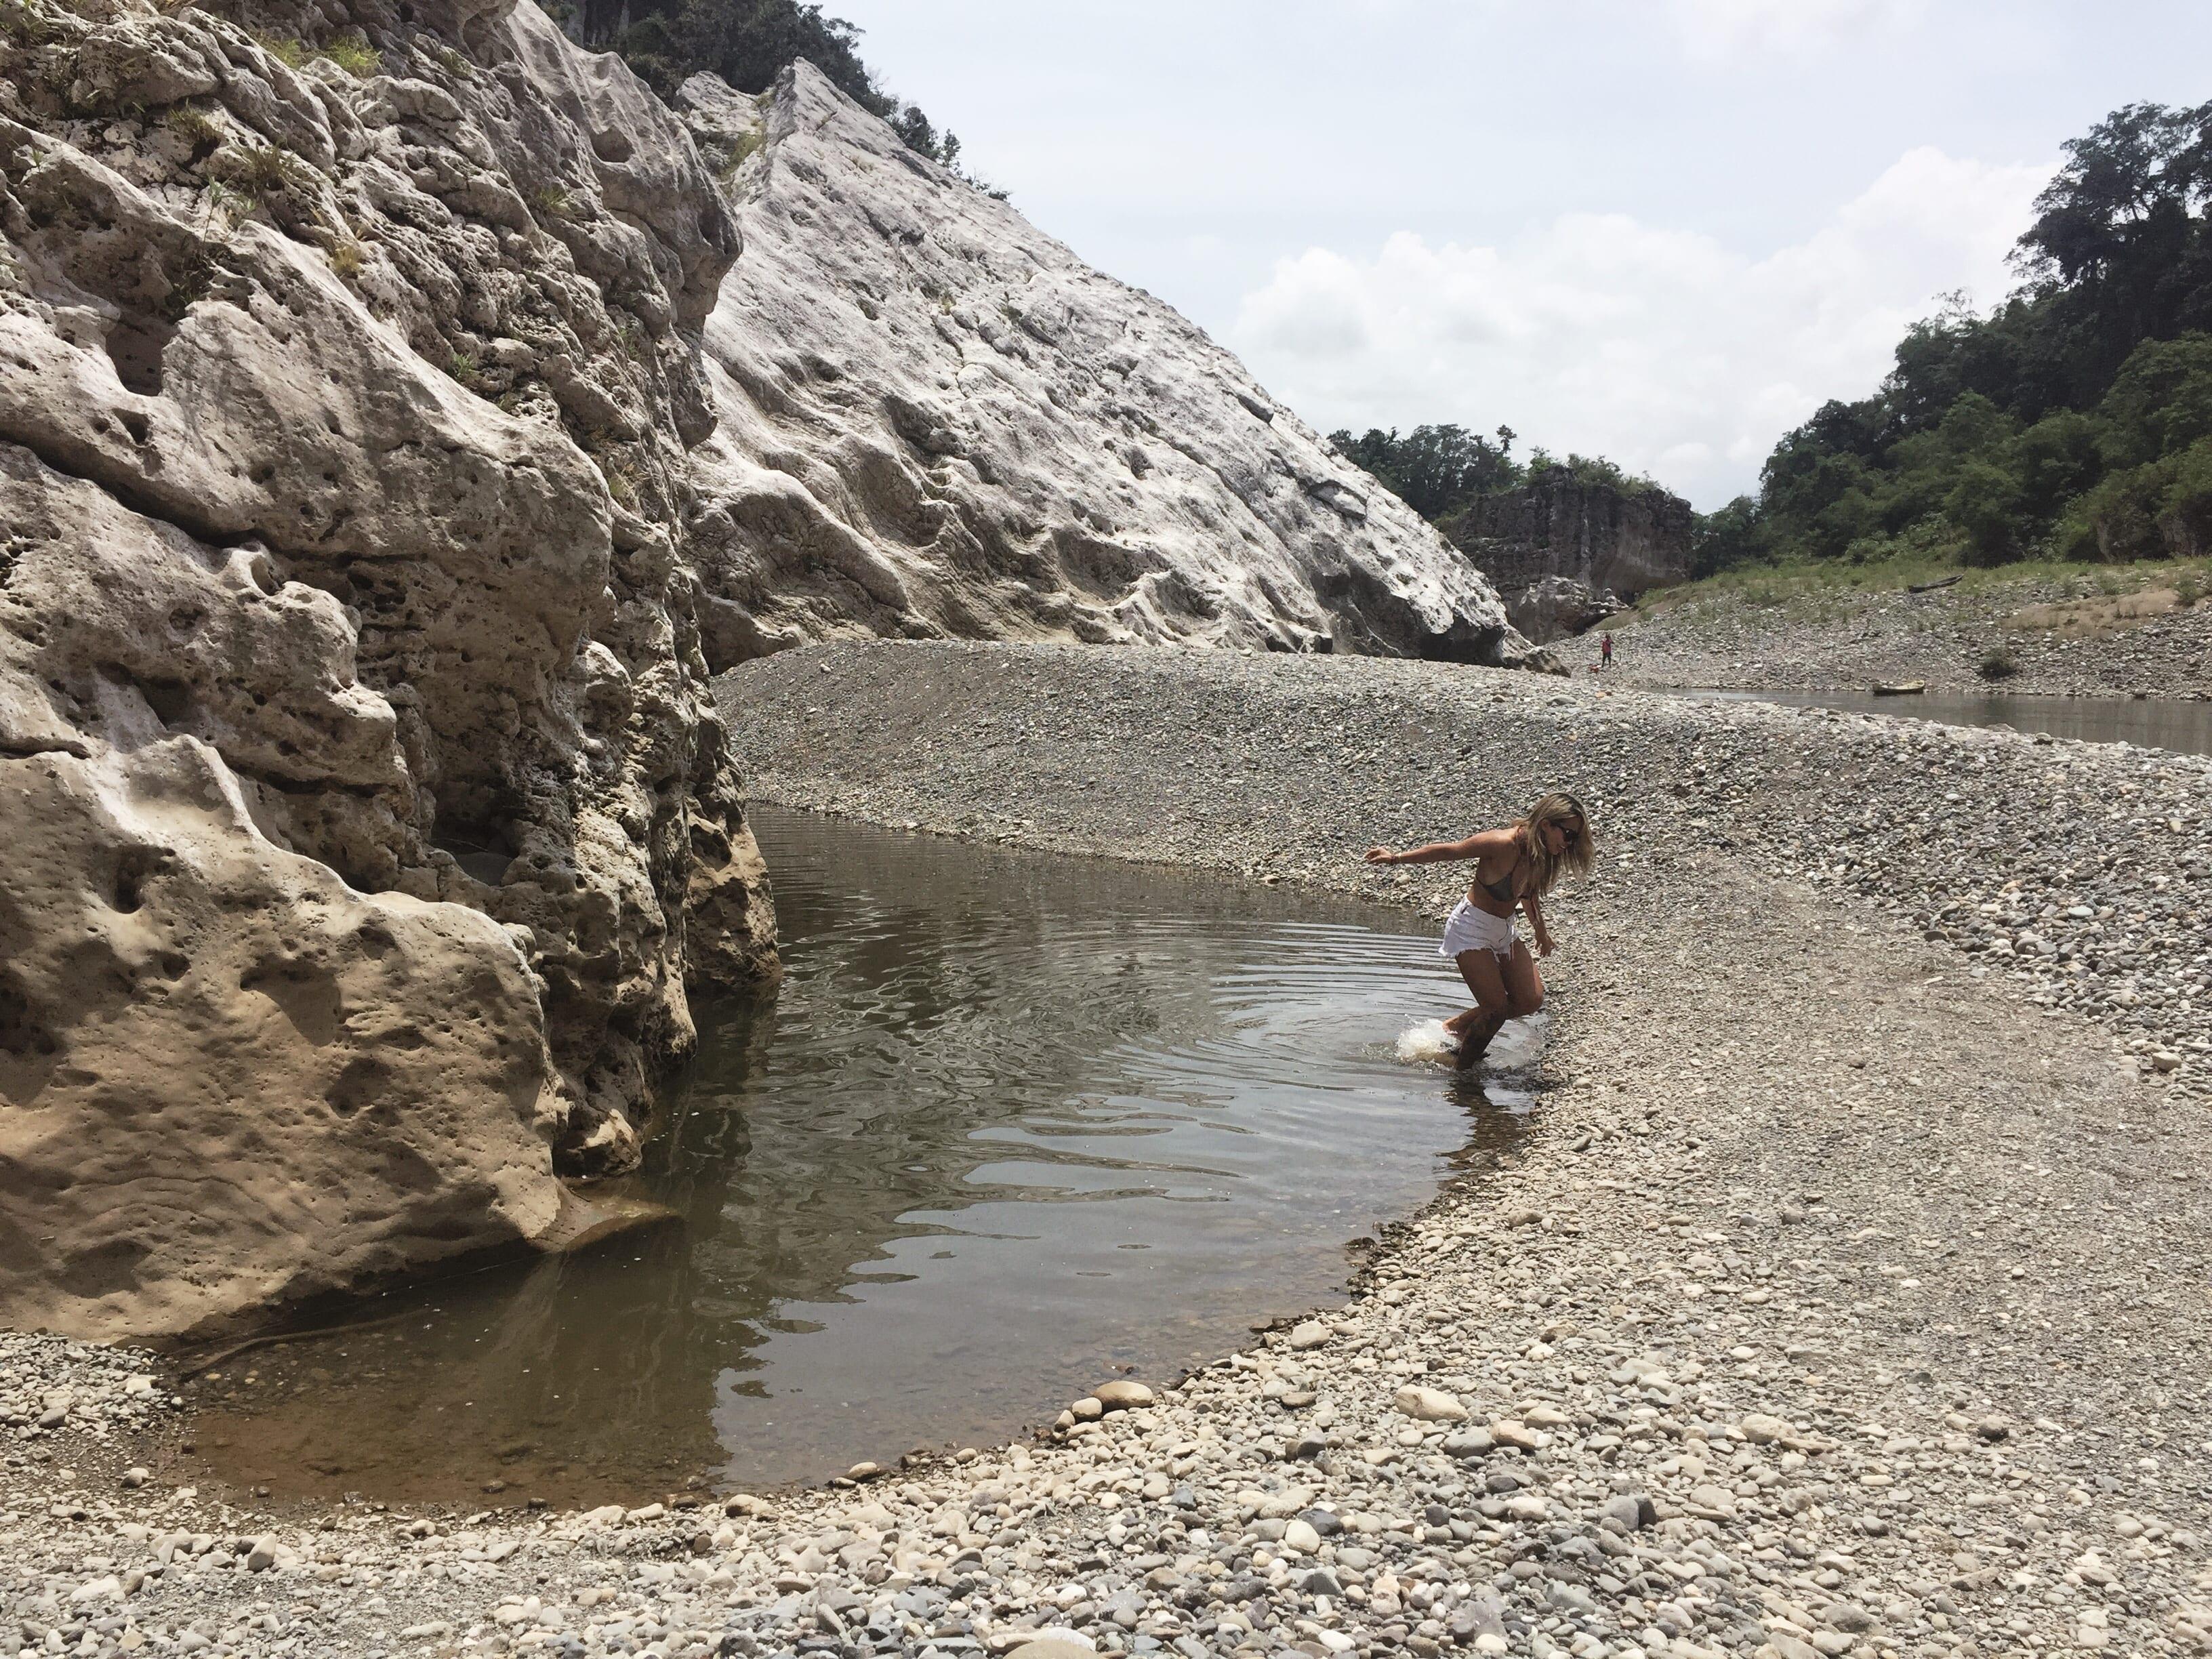 siitan-river-quirino-silver-morales